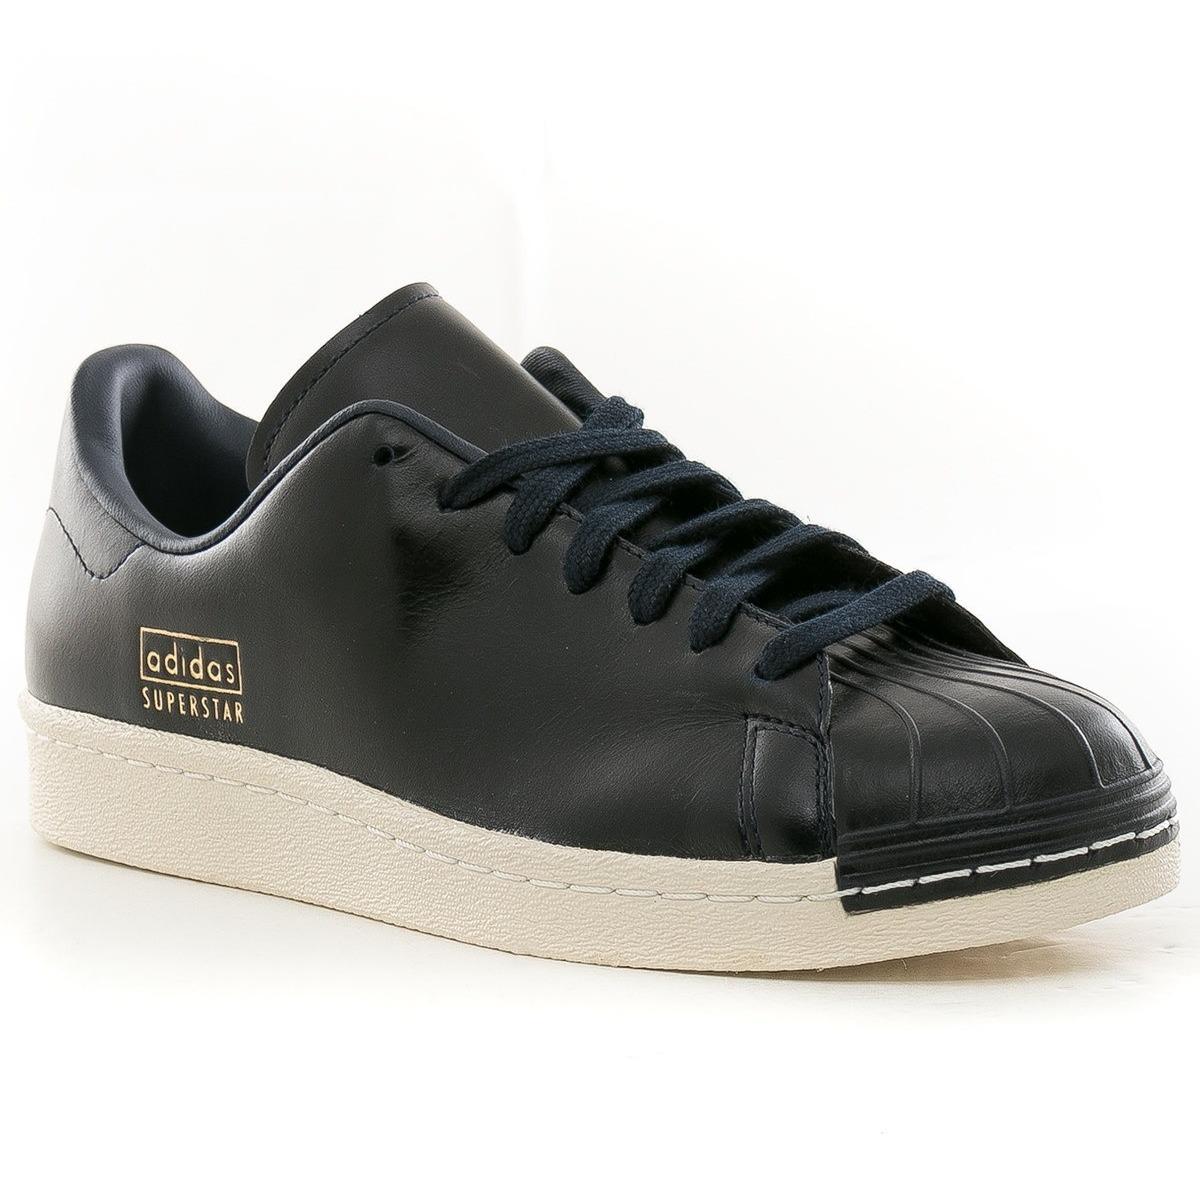 superstar 80s clean adidas